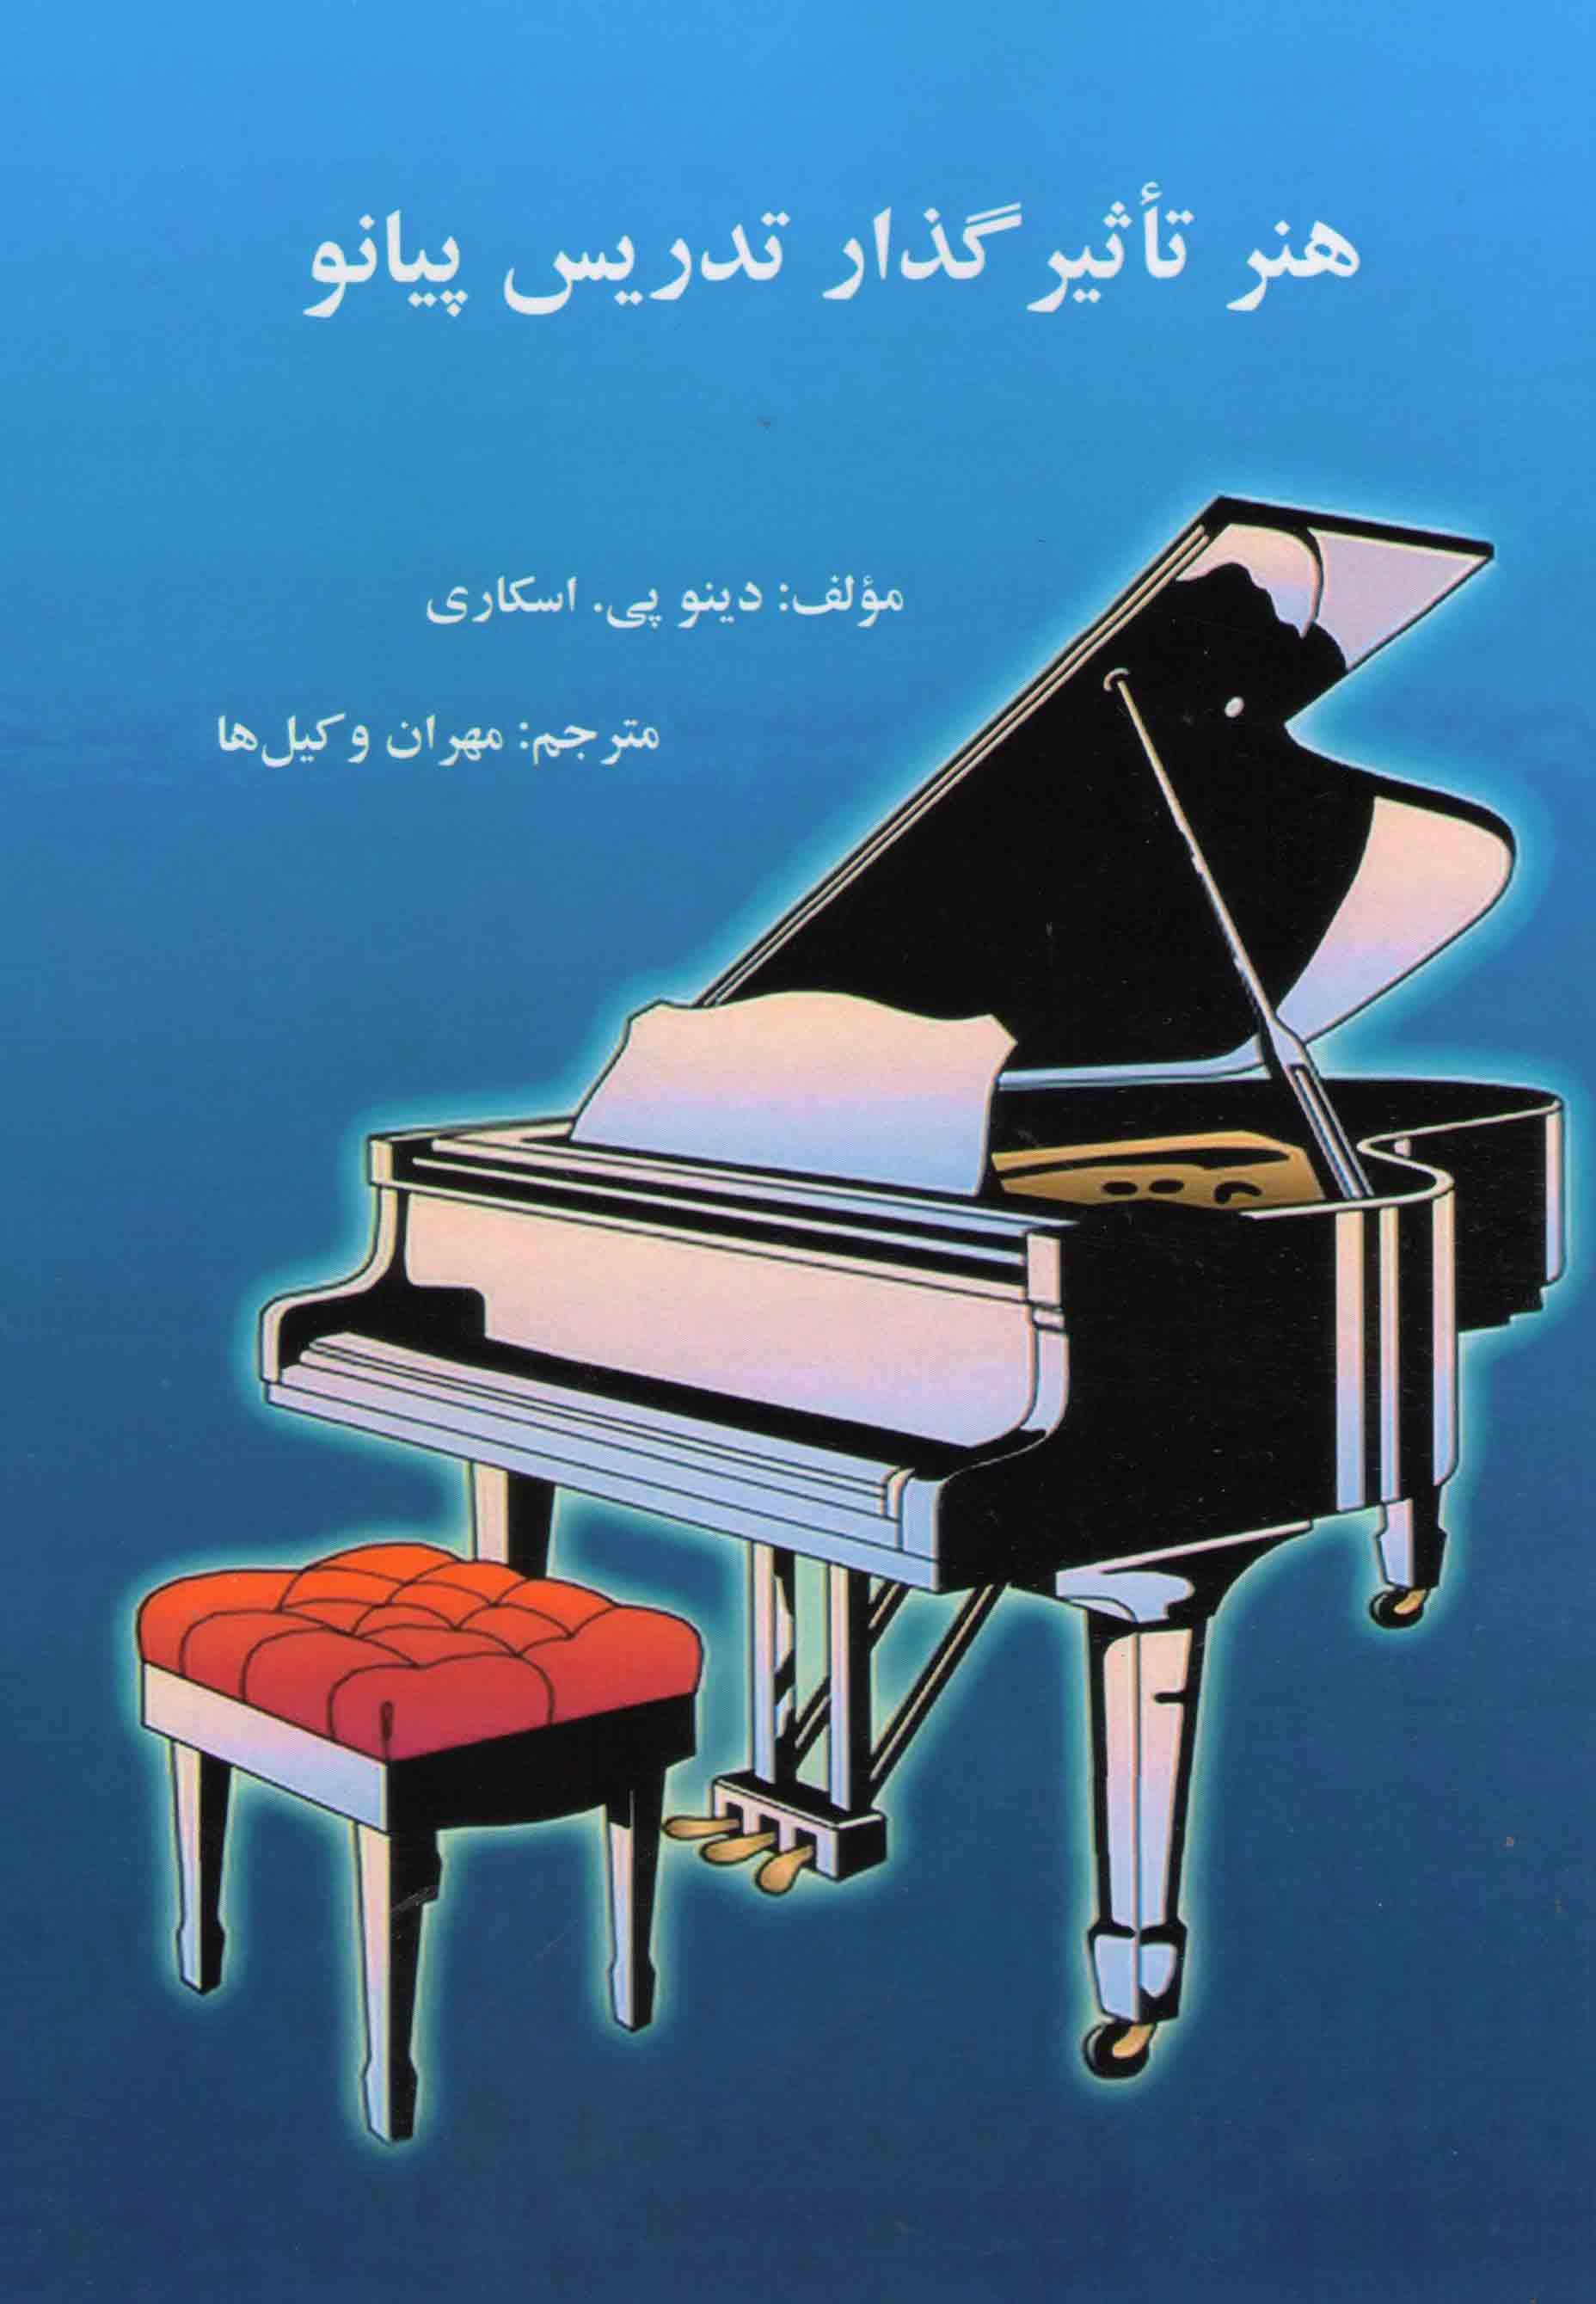 هنر تاثیرگذار تدریس پیانو/مهران وکیل ها